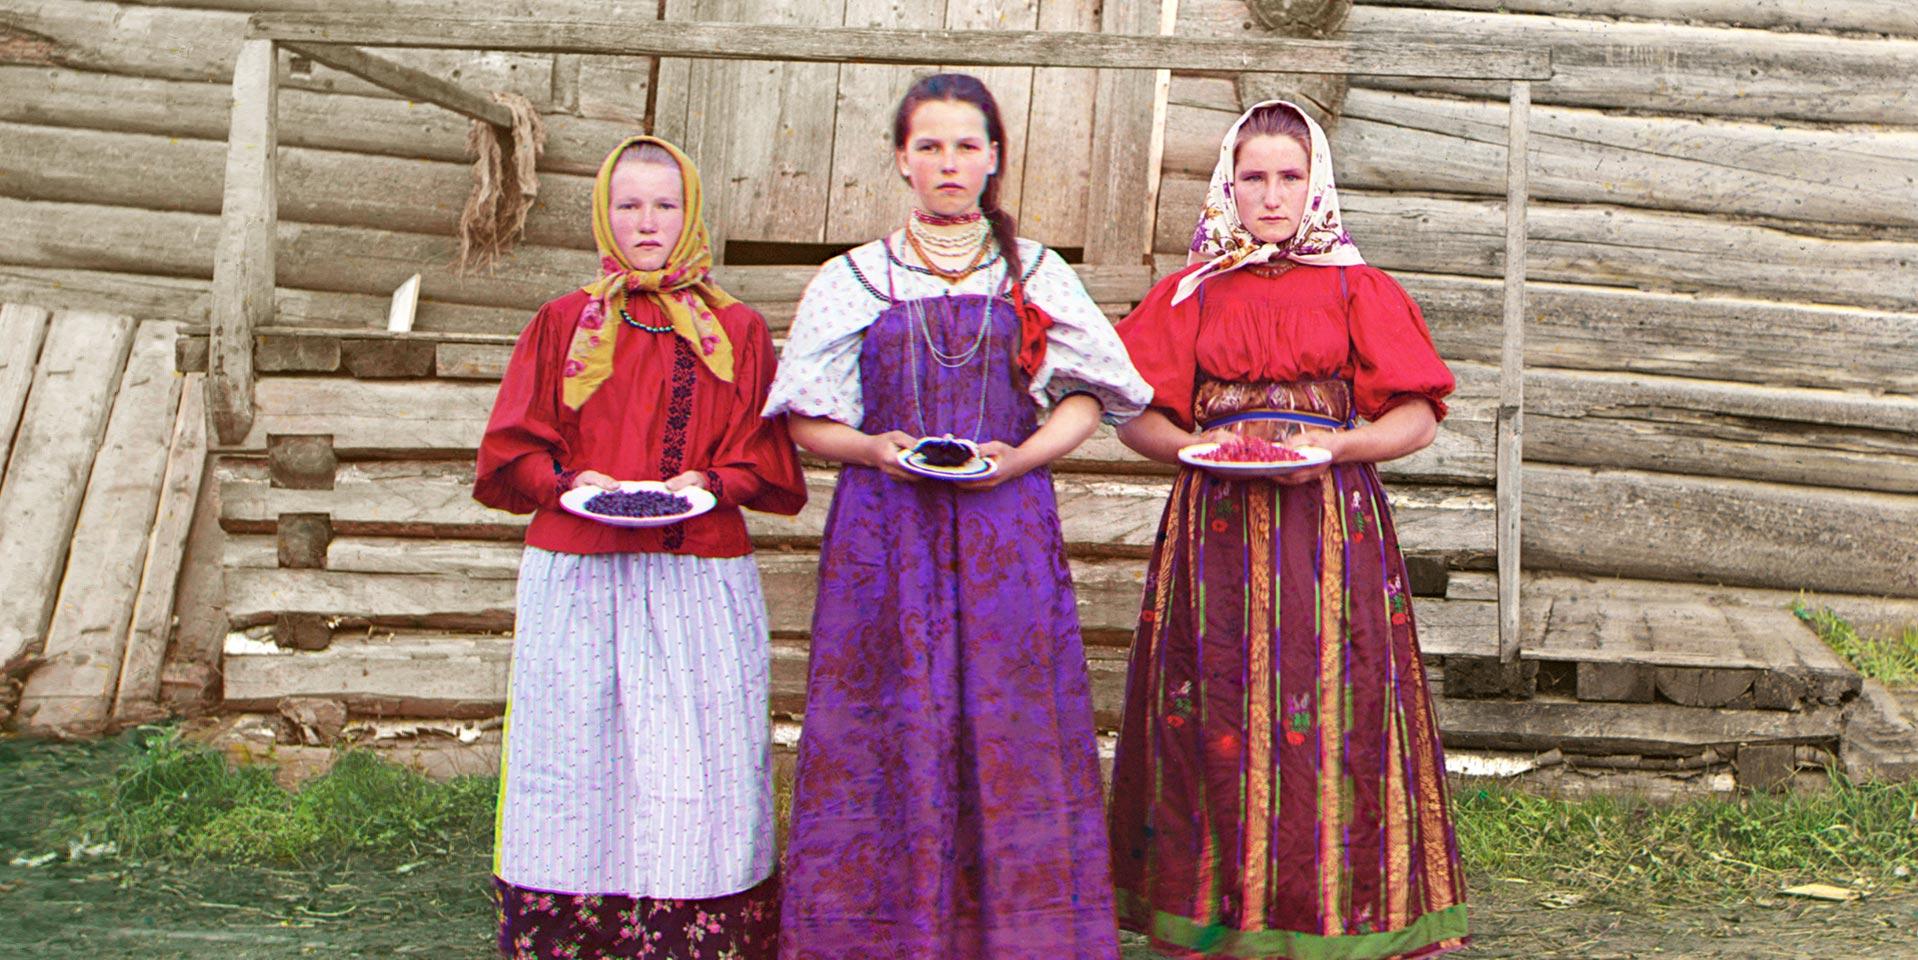 Tradição / Tradition